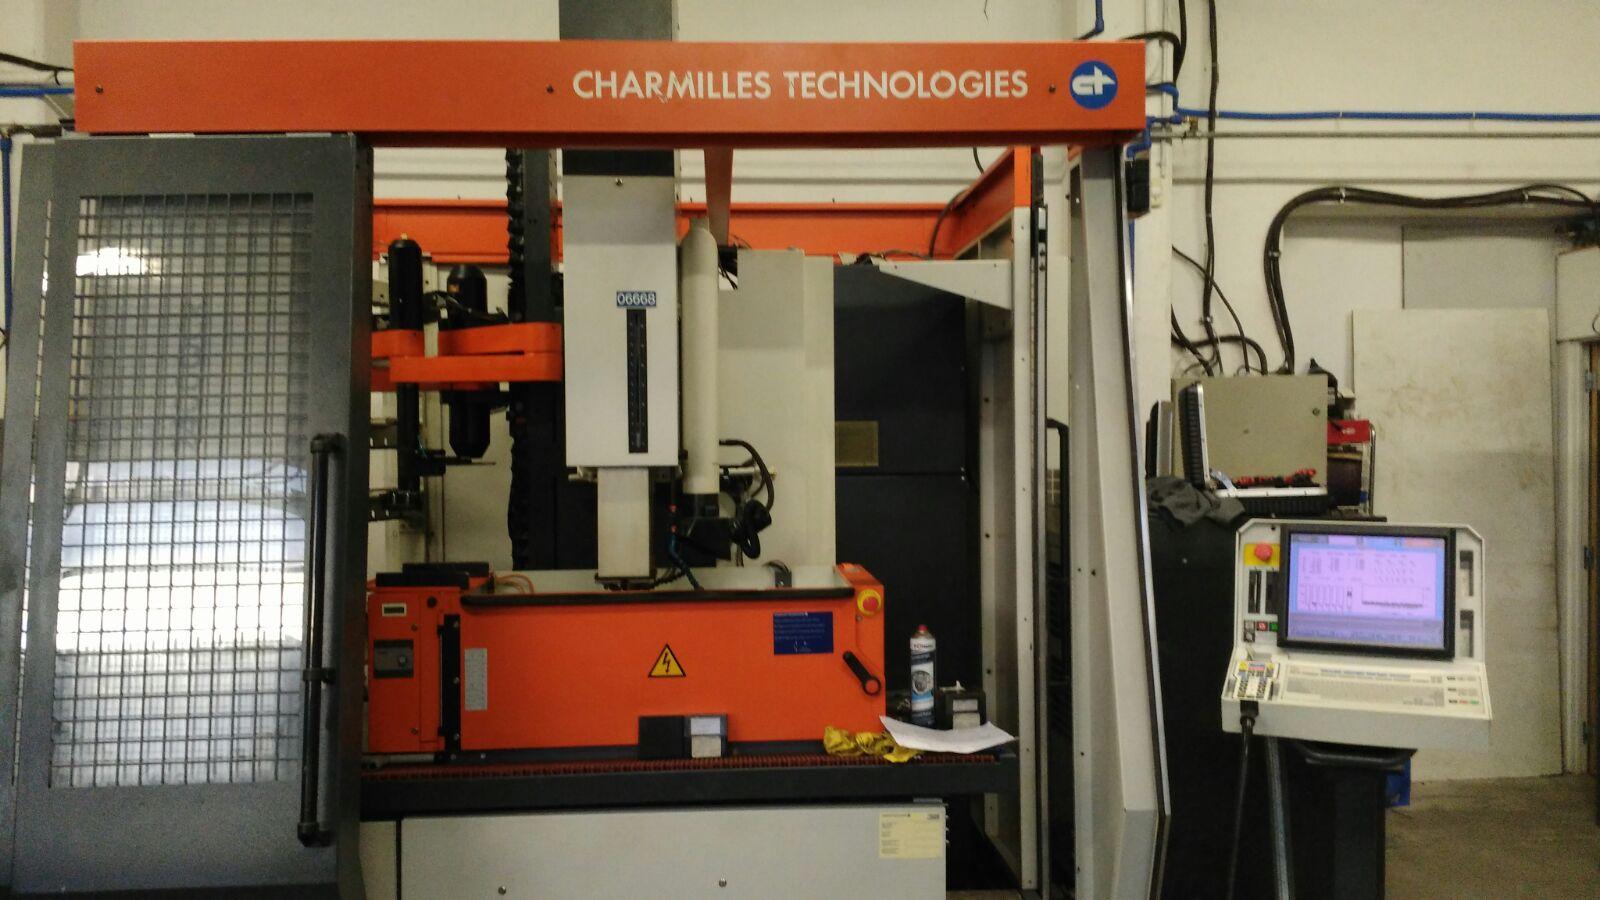 Charmilles Roboform 2400 Qcr Die Sinking Edm Machine Exapro